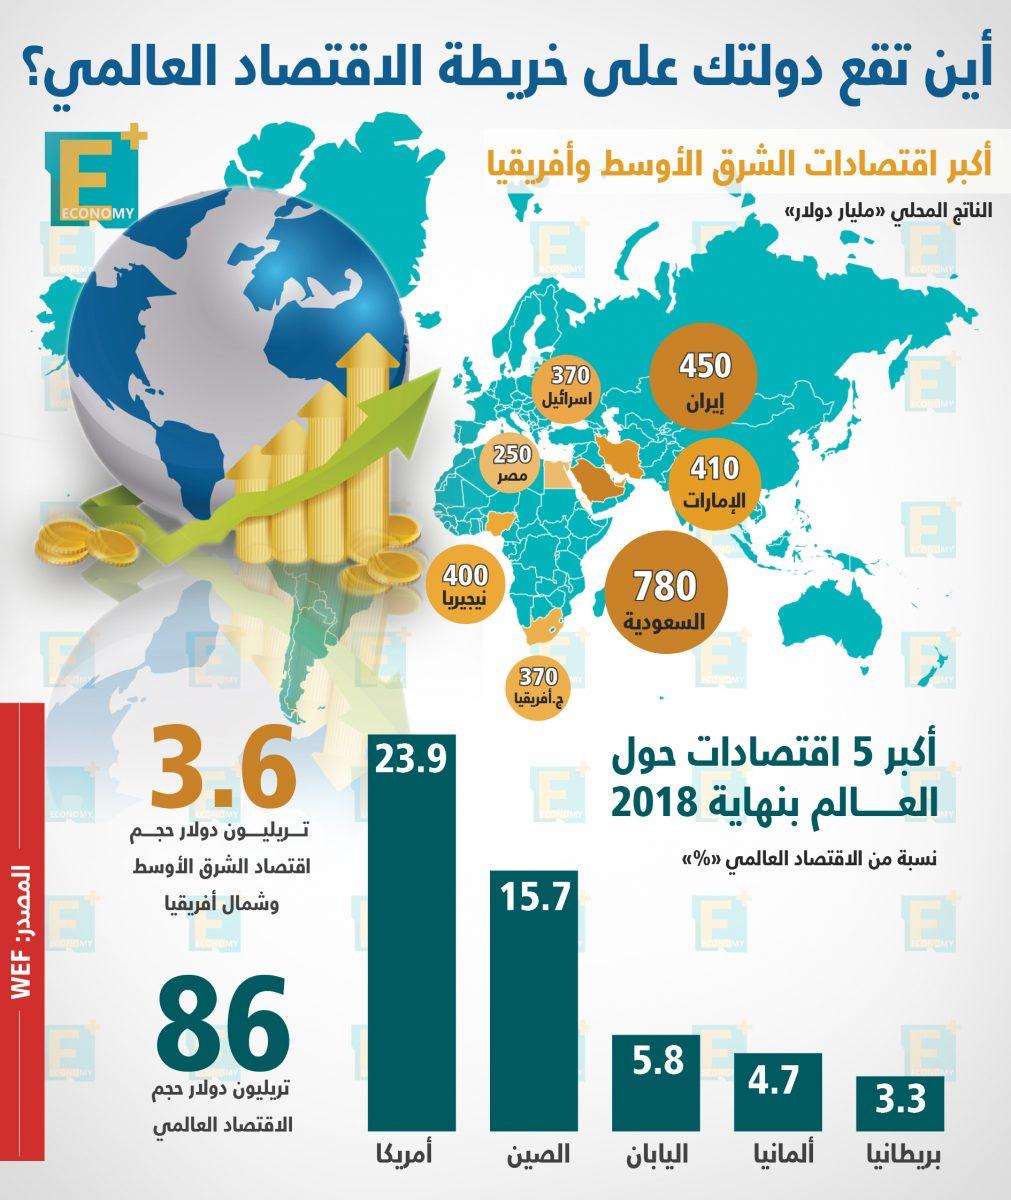 أين تقع دولتك على خريطة الاقتصاد العالمي؟